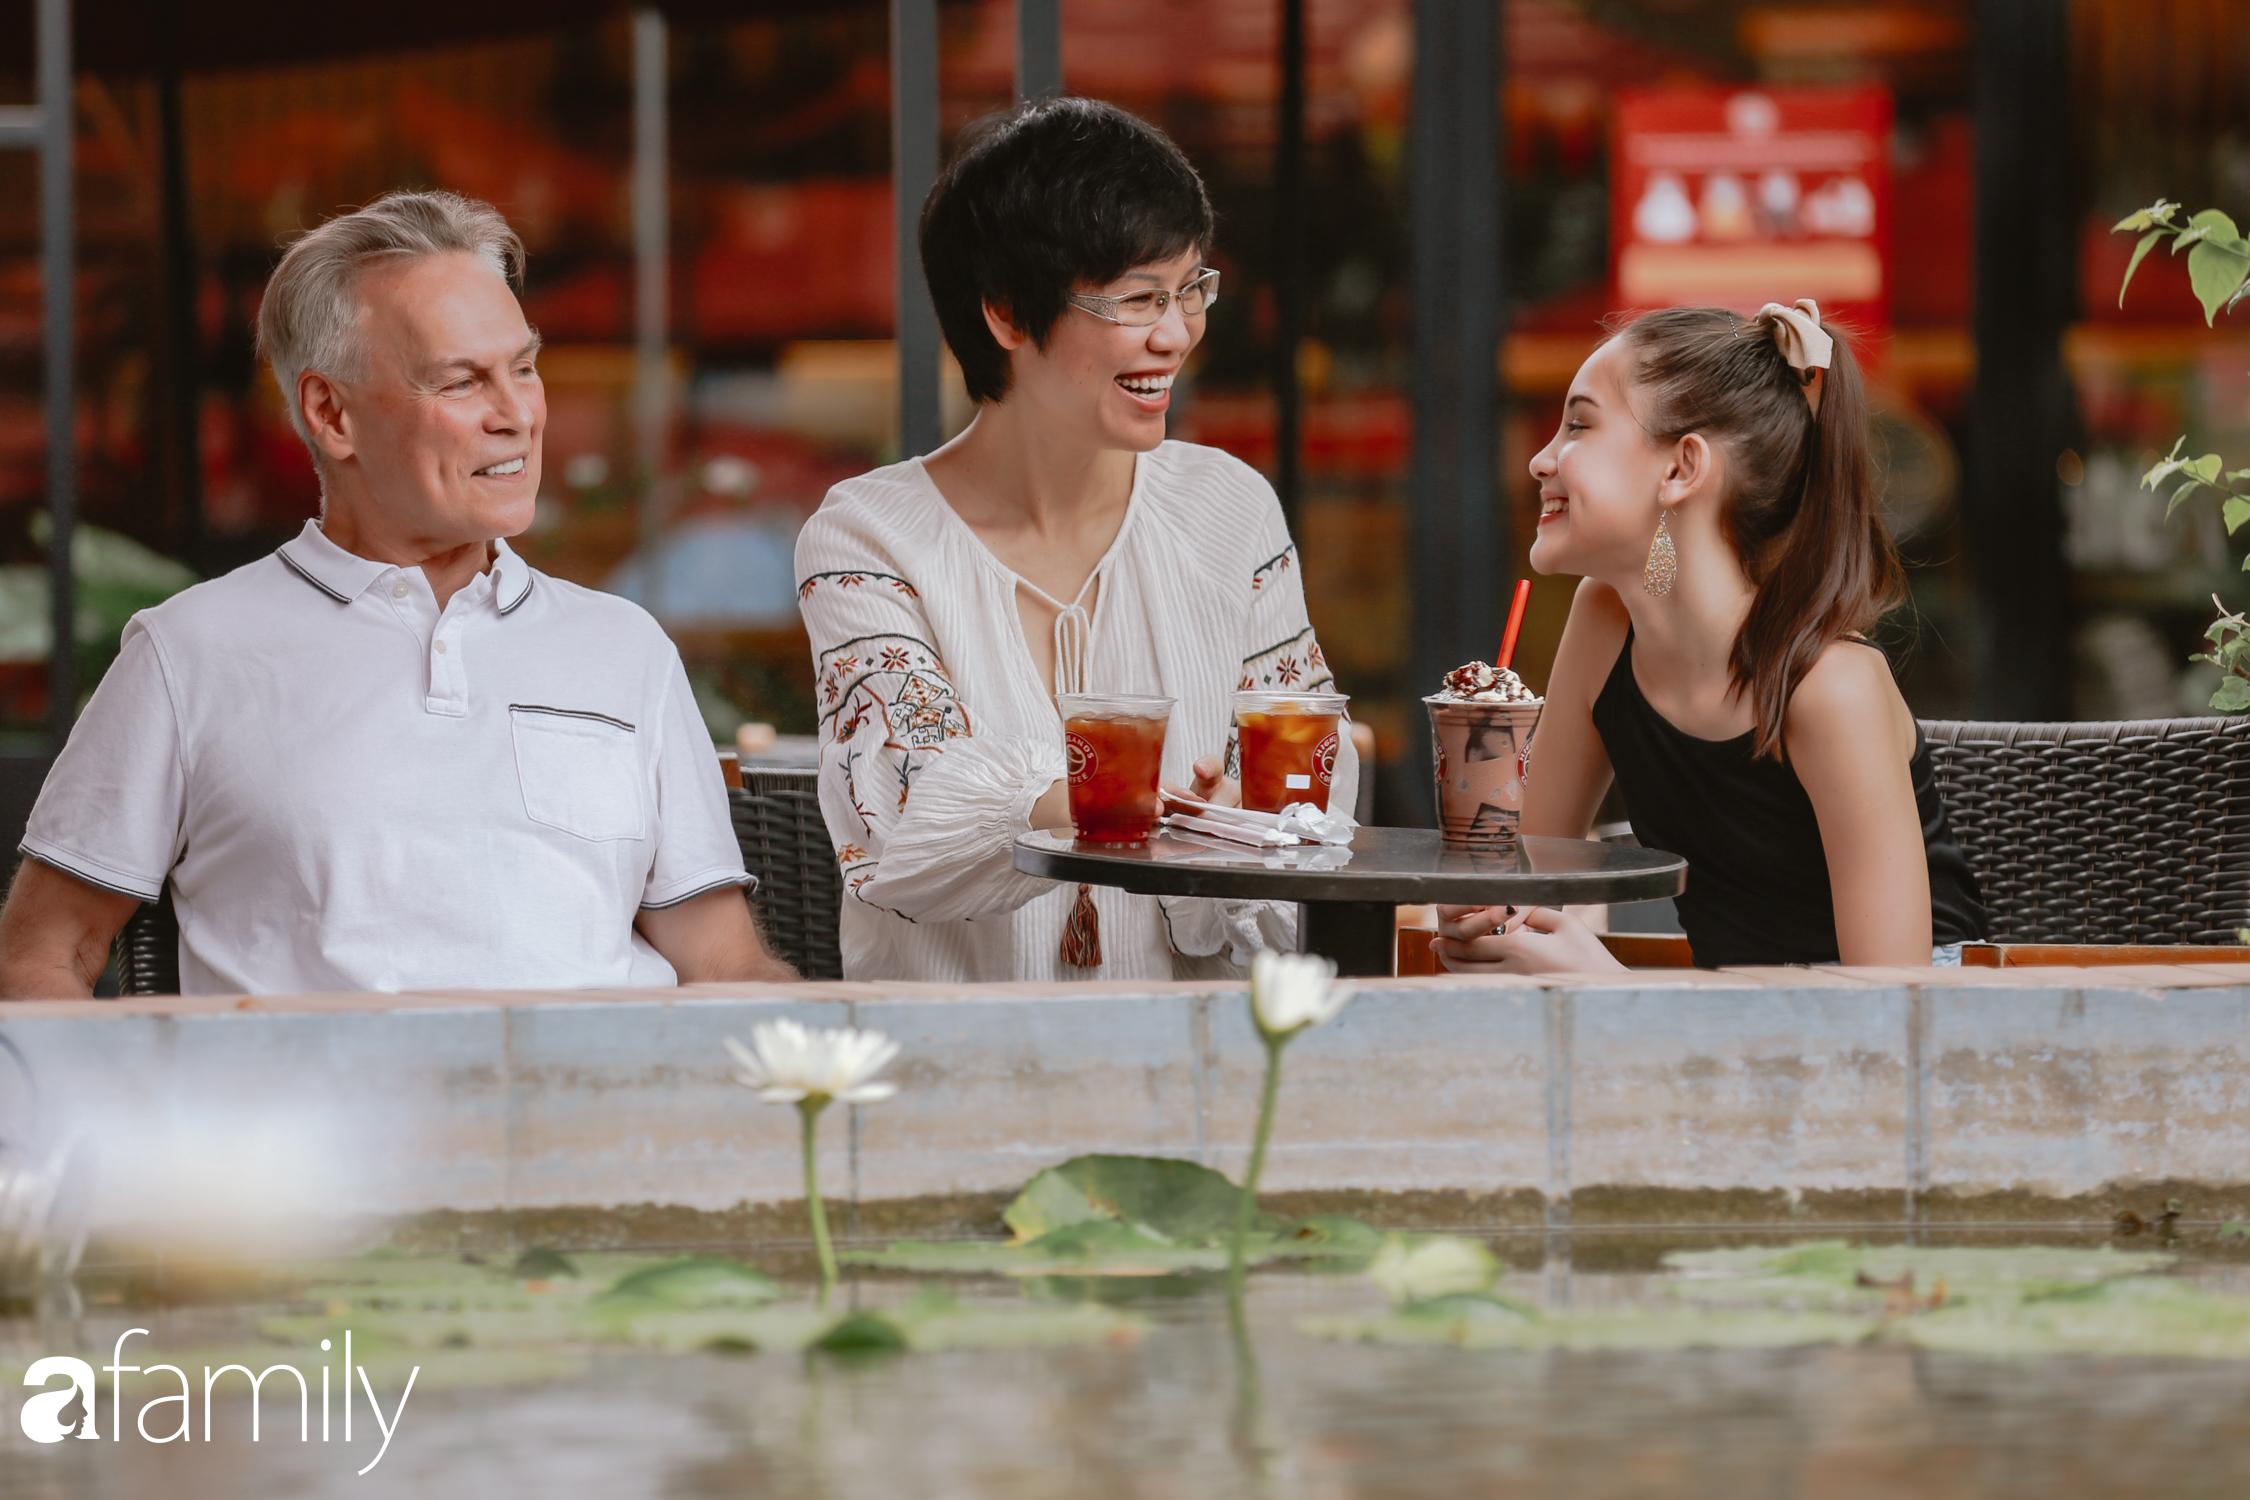 Mẫu nhí lai Việt – Mỹ đắt show nhất nhì thị trường thời trang và những chia sẻ của người trong cuộc  - Ảnh 12.